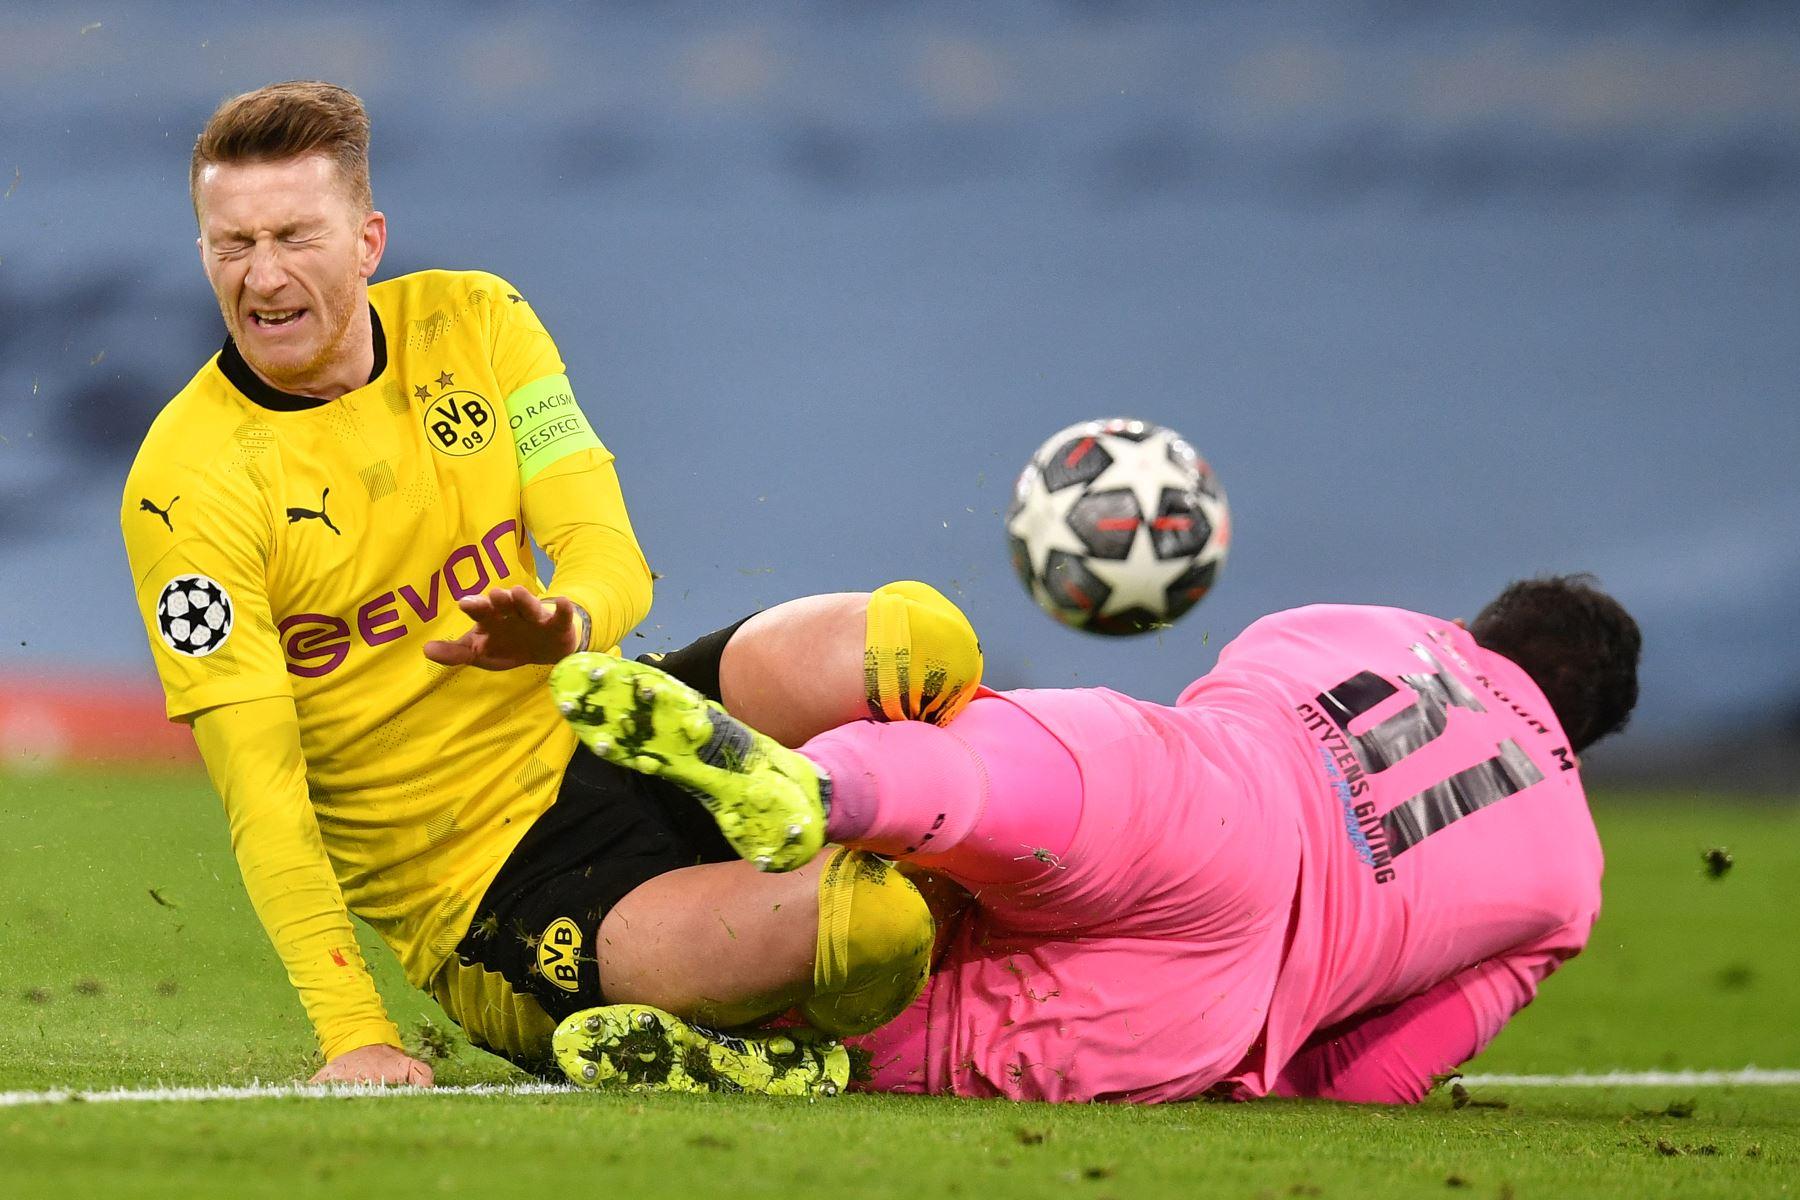 El portero brasileño del Manchester City, Ederson, choca con el delantero alemán del Dortmund, Marco Reus, durante el partido de ida de cuartos de final de la Liga de Campeones de la UEFA. Foto: AFP